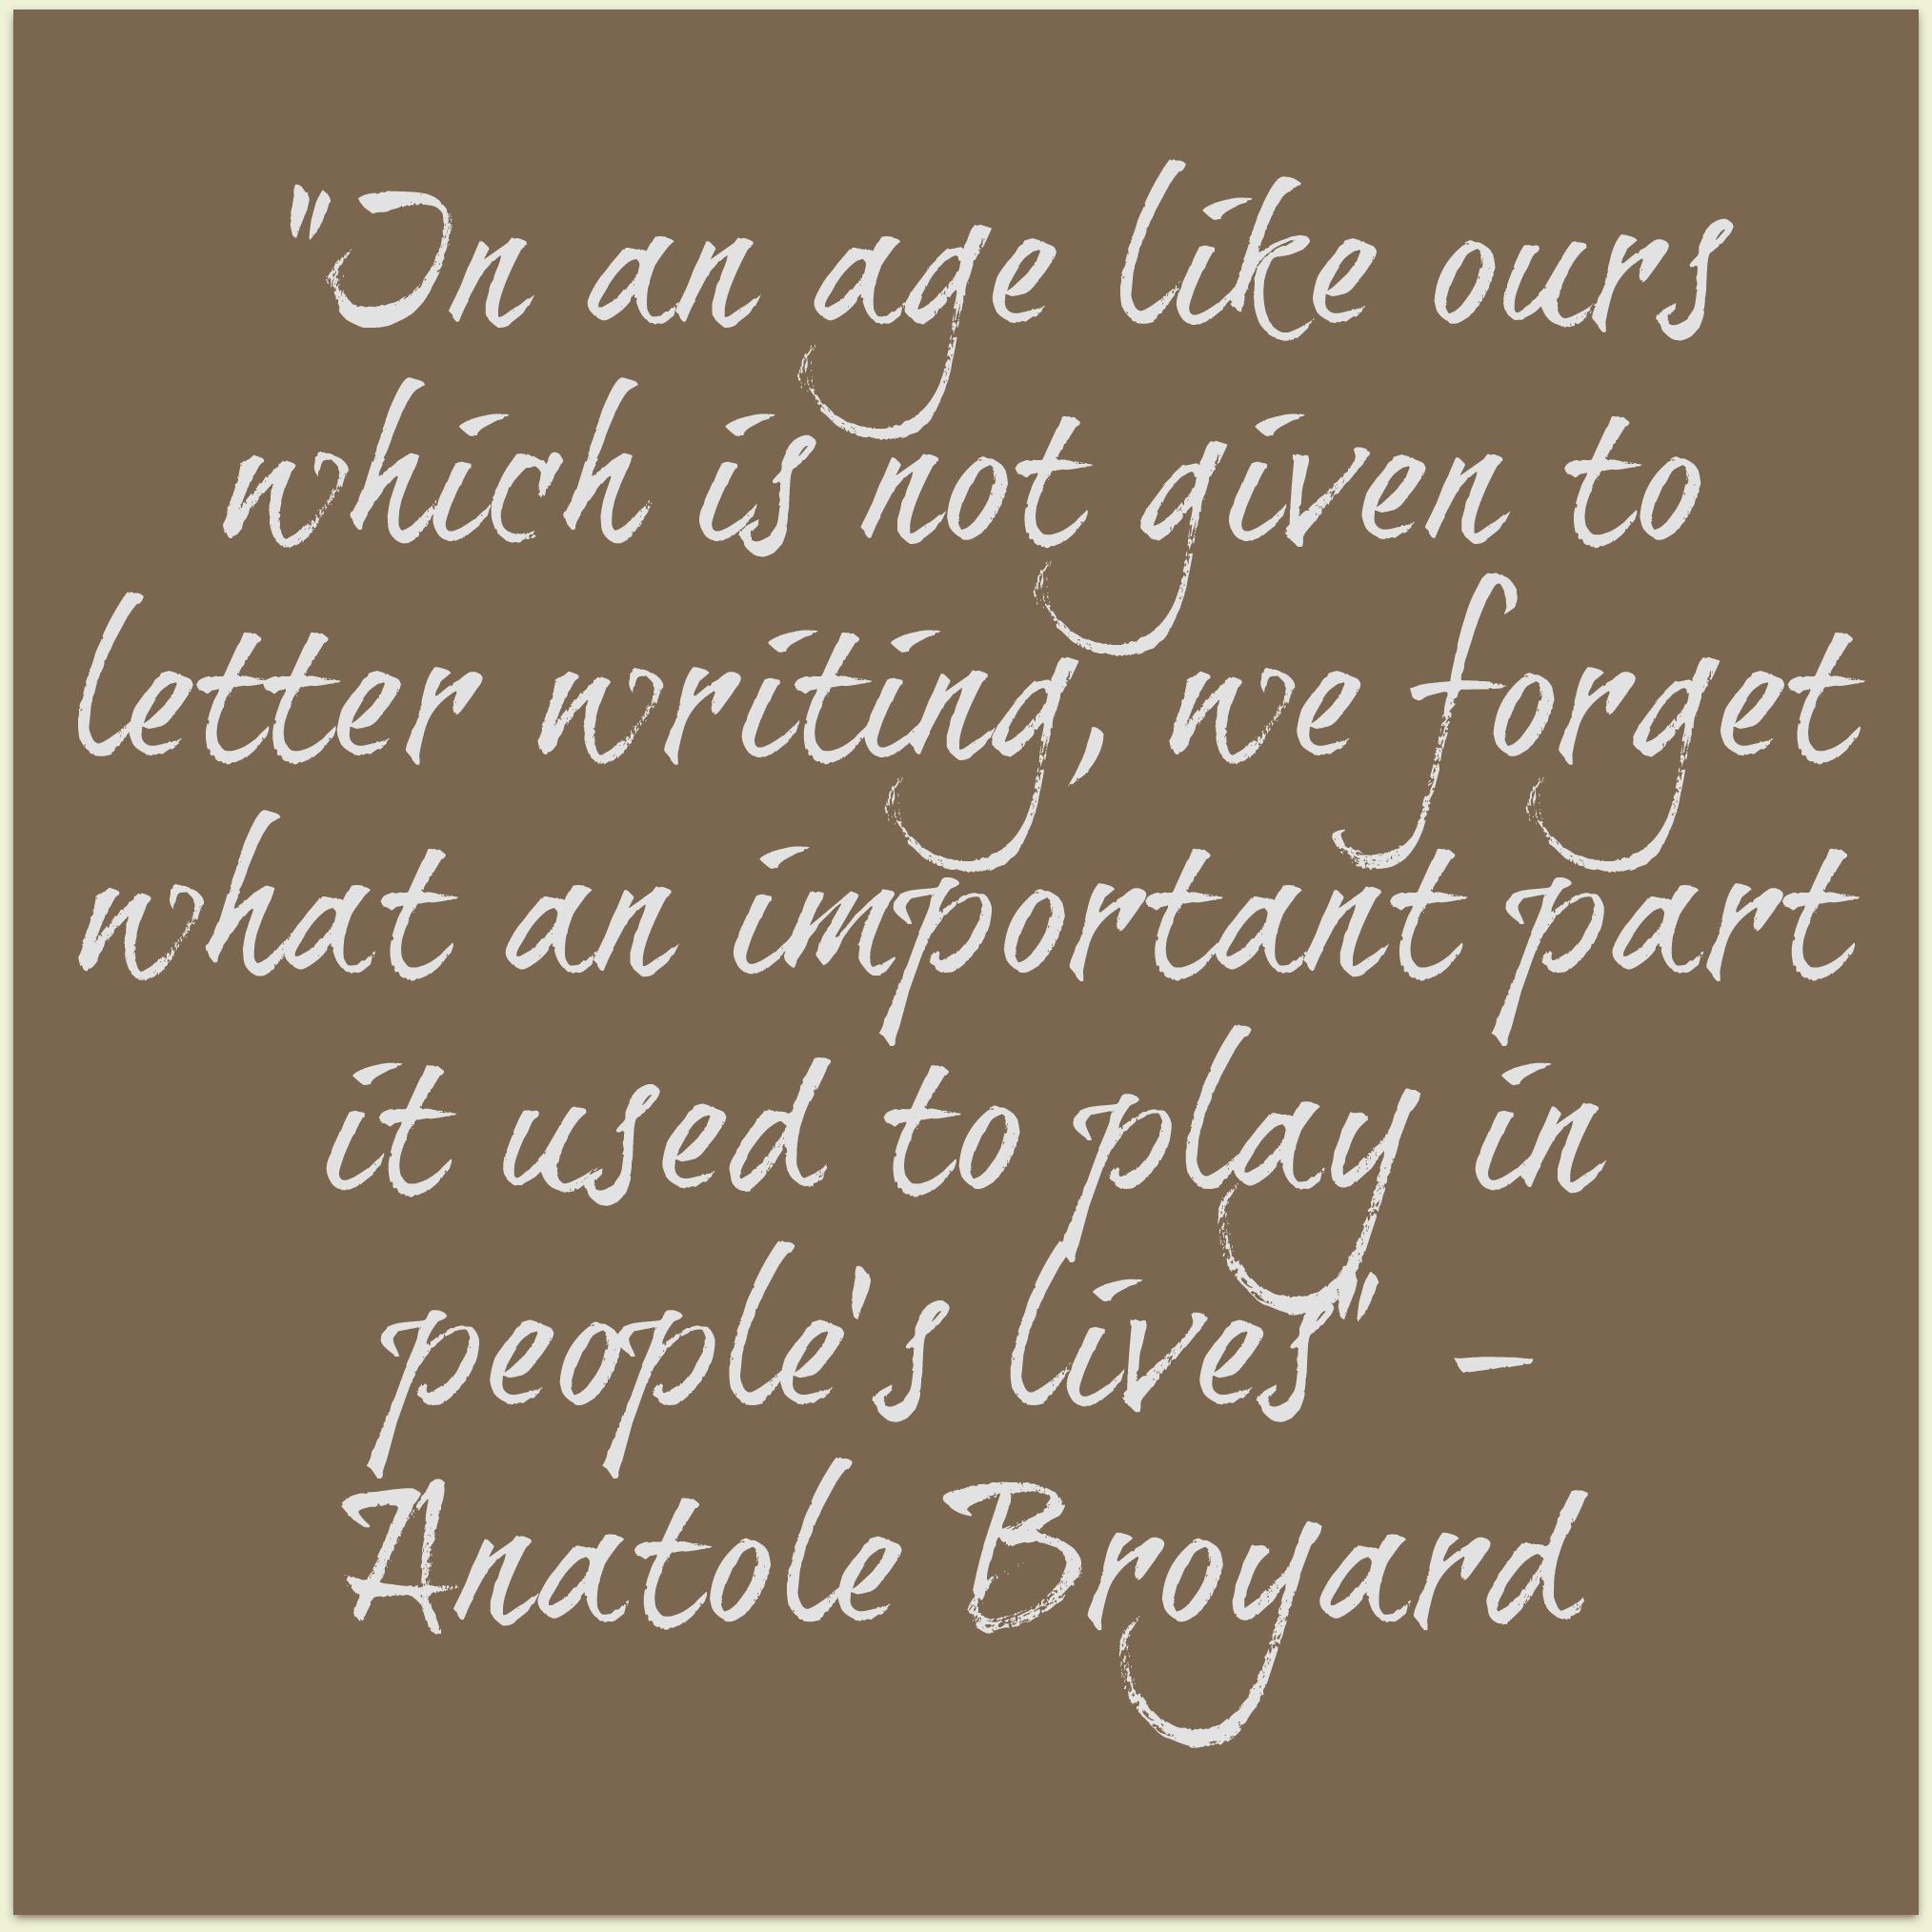 Anatole-Broyard